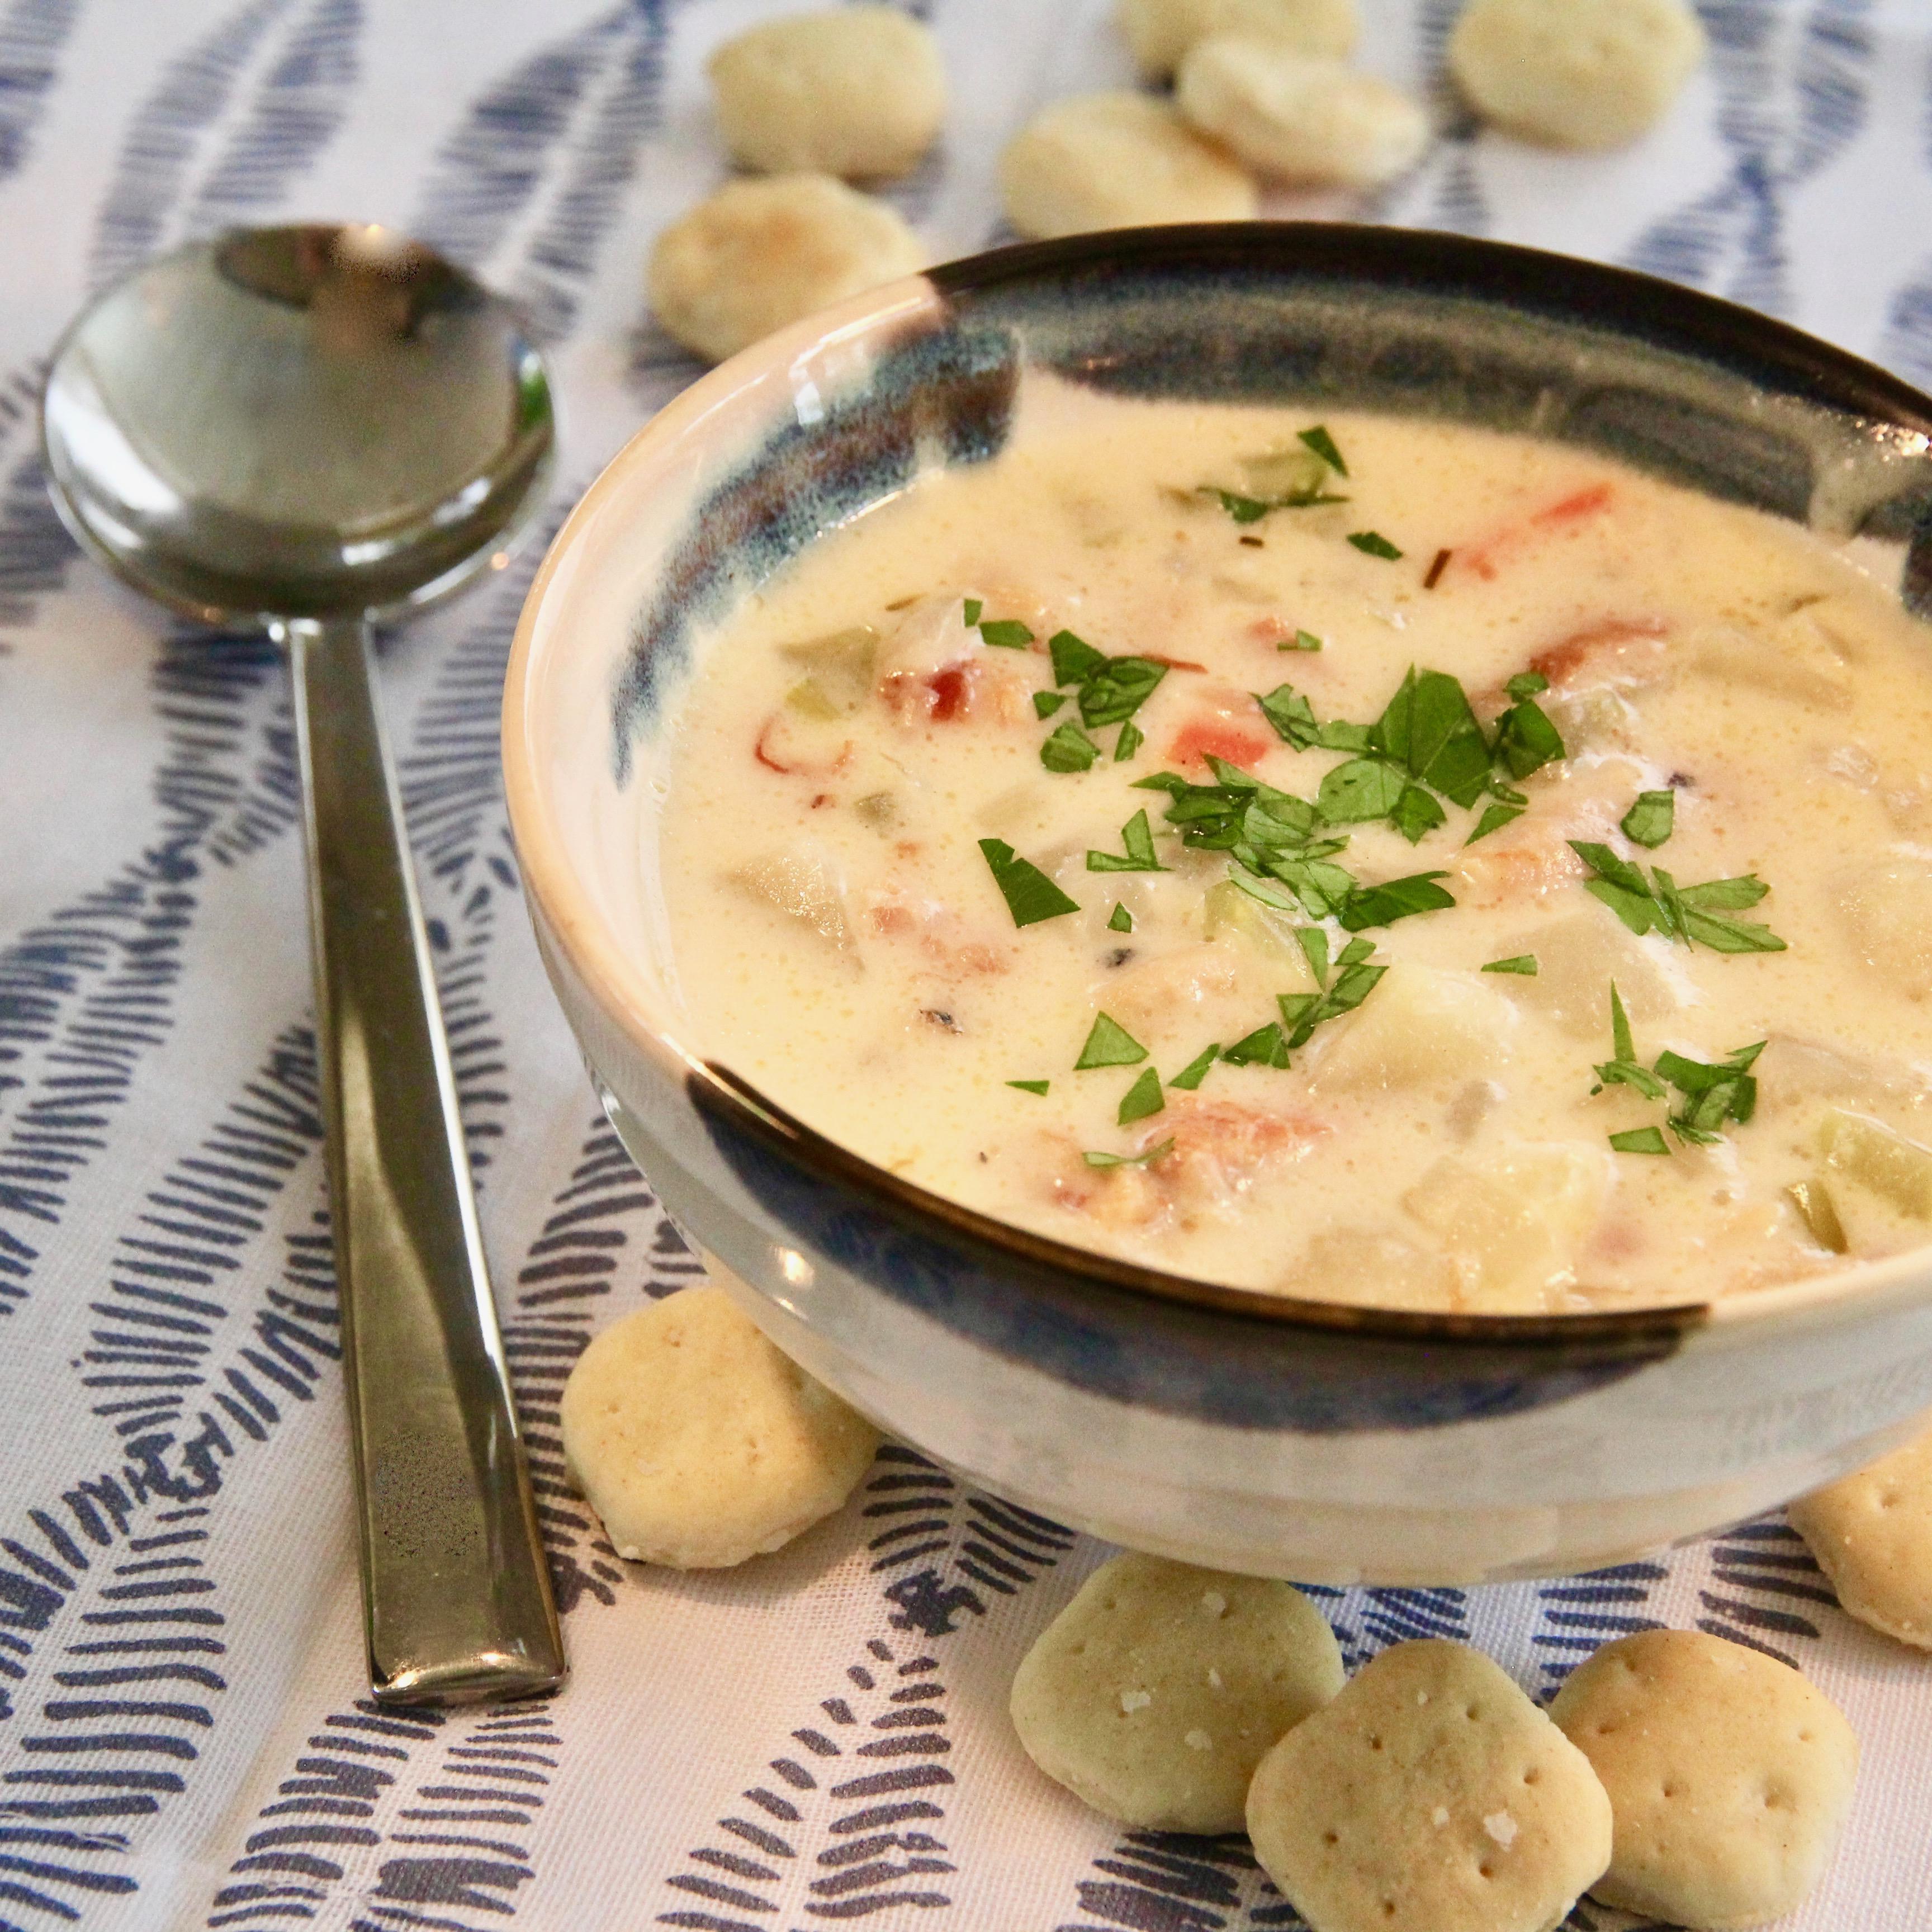 Lisa's Creamy Clam Chowder